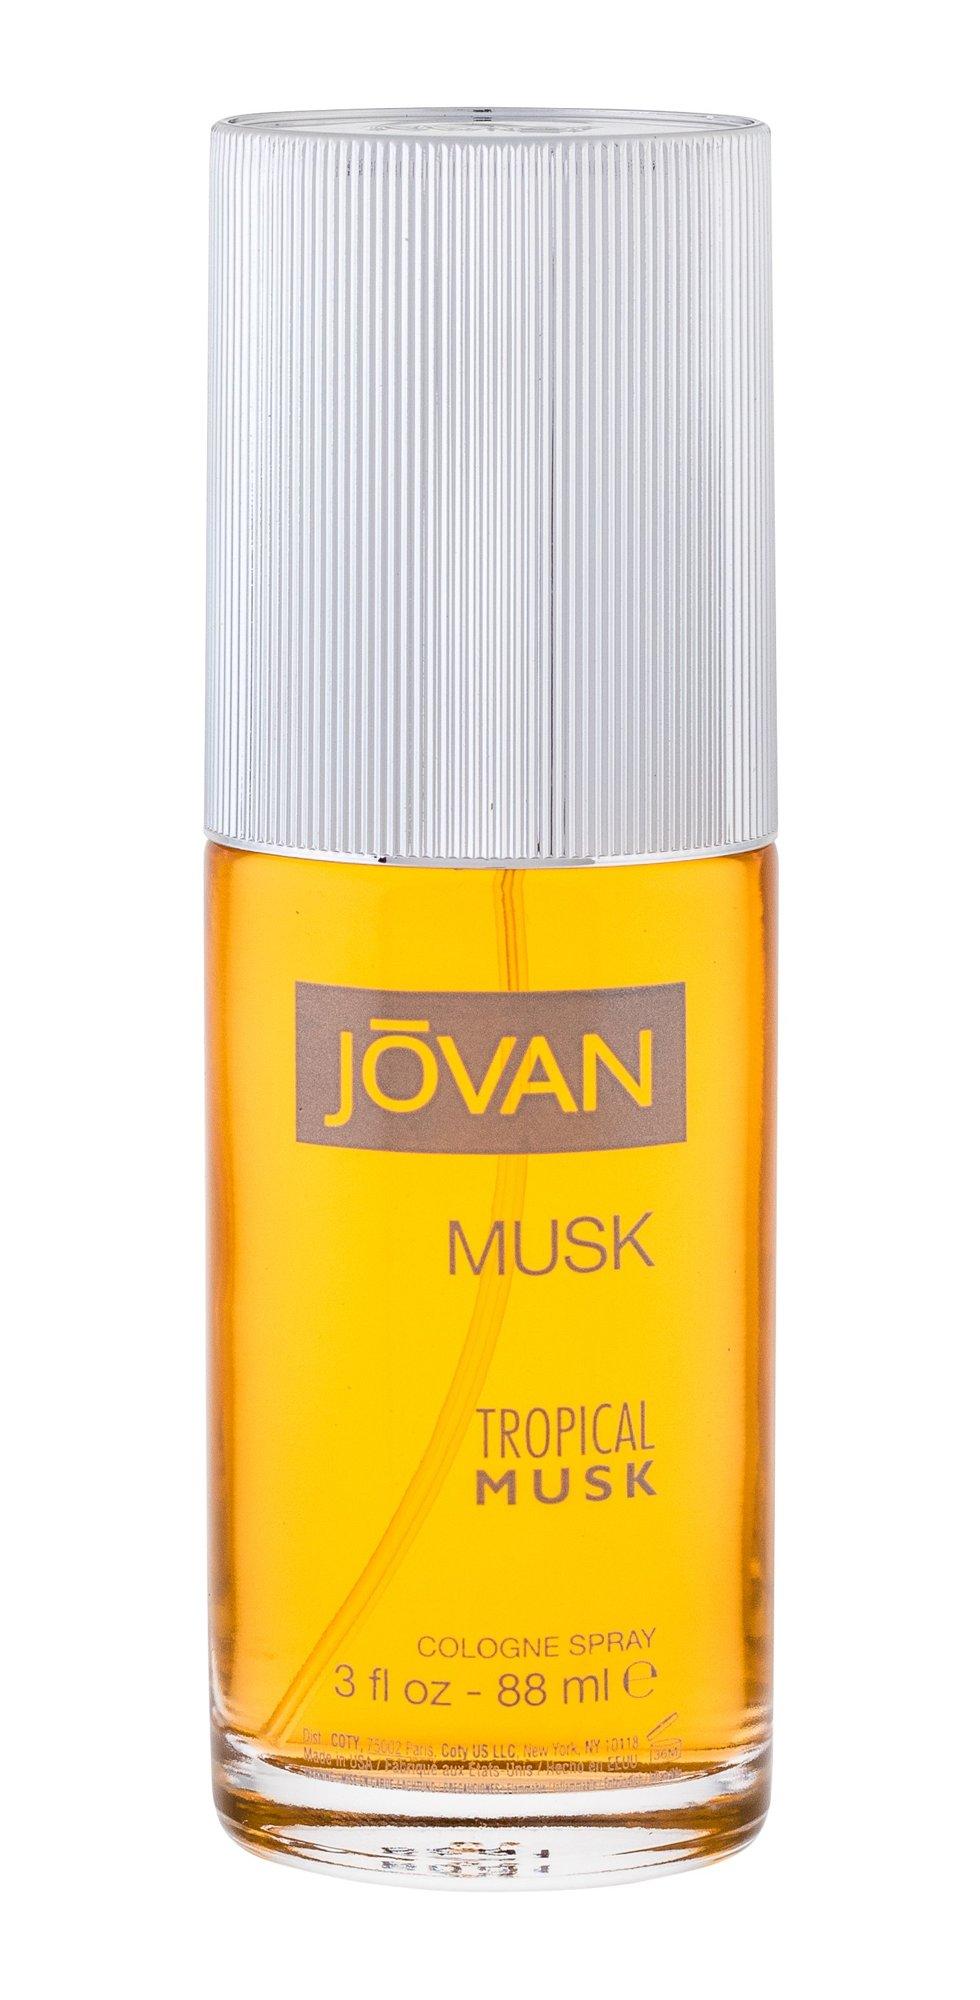 Jovan Tropical Musk Eau de Cologne 88ml